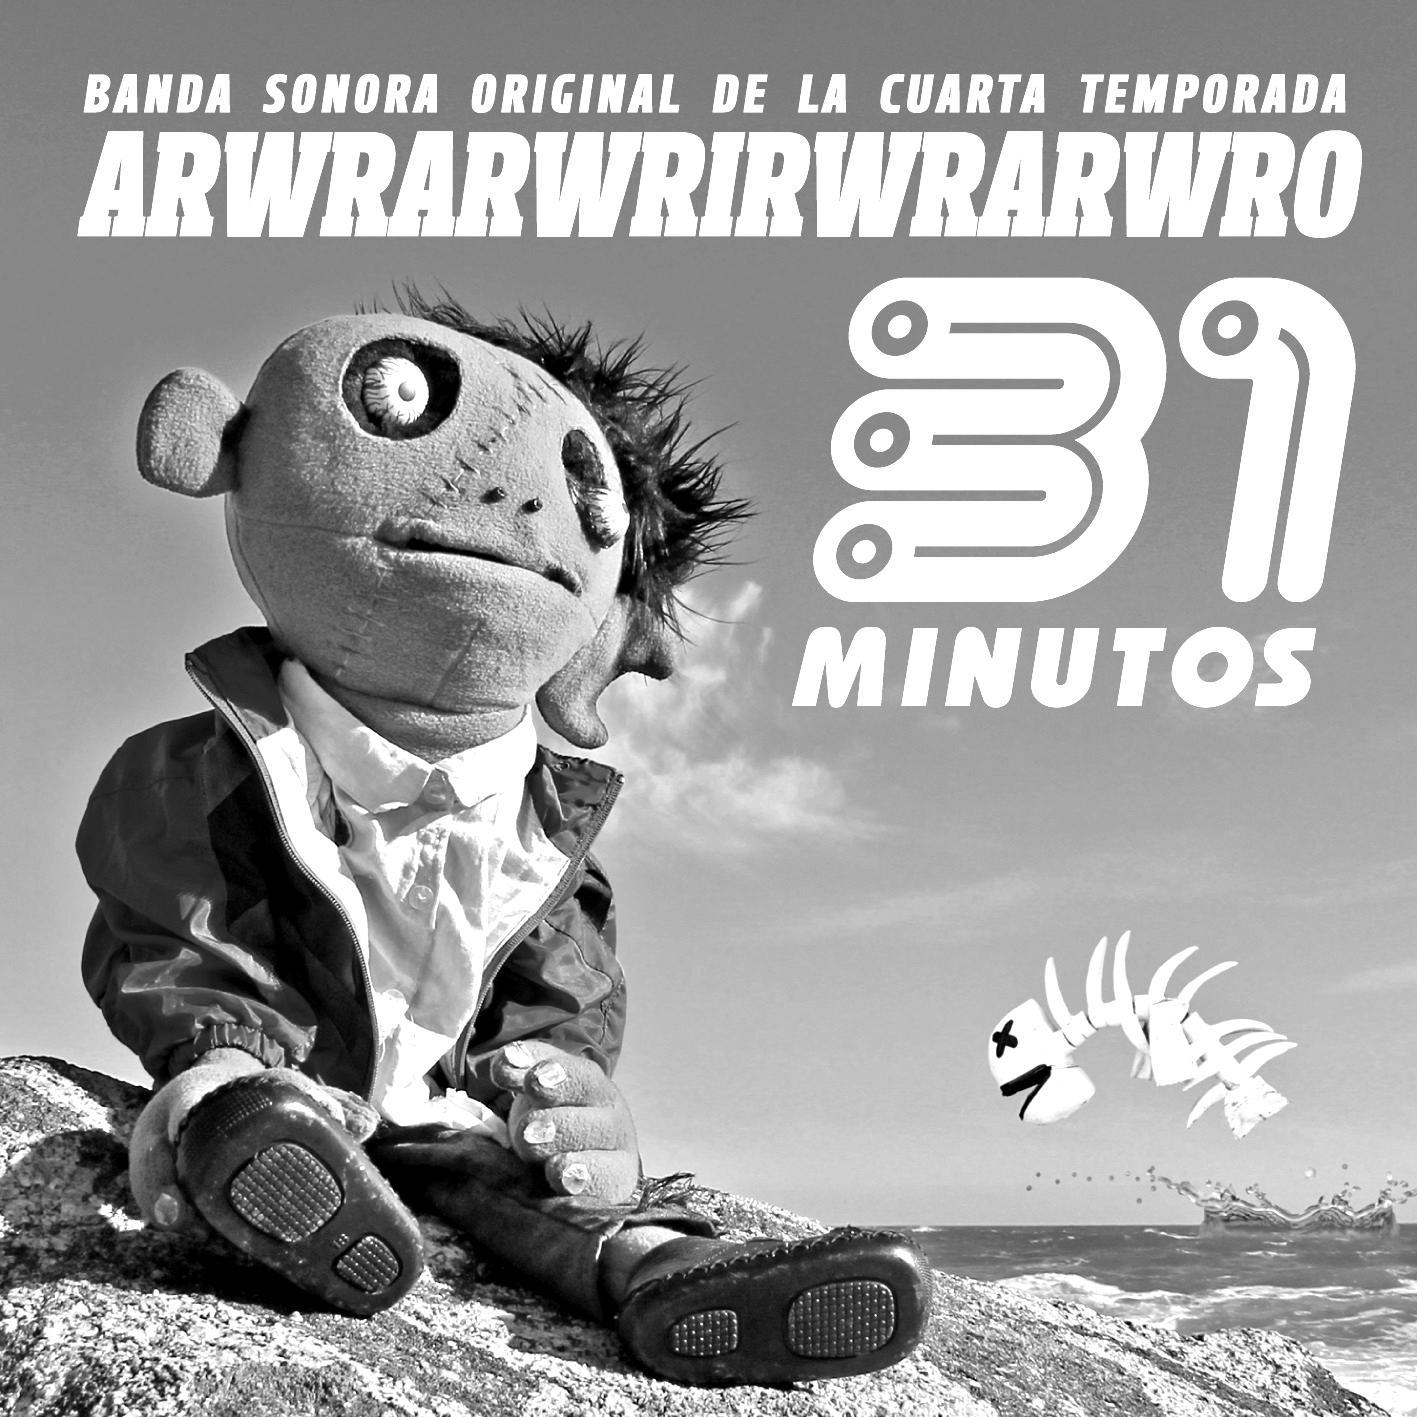 31 MINUTOS – ARWRARWRIRWRARWRO